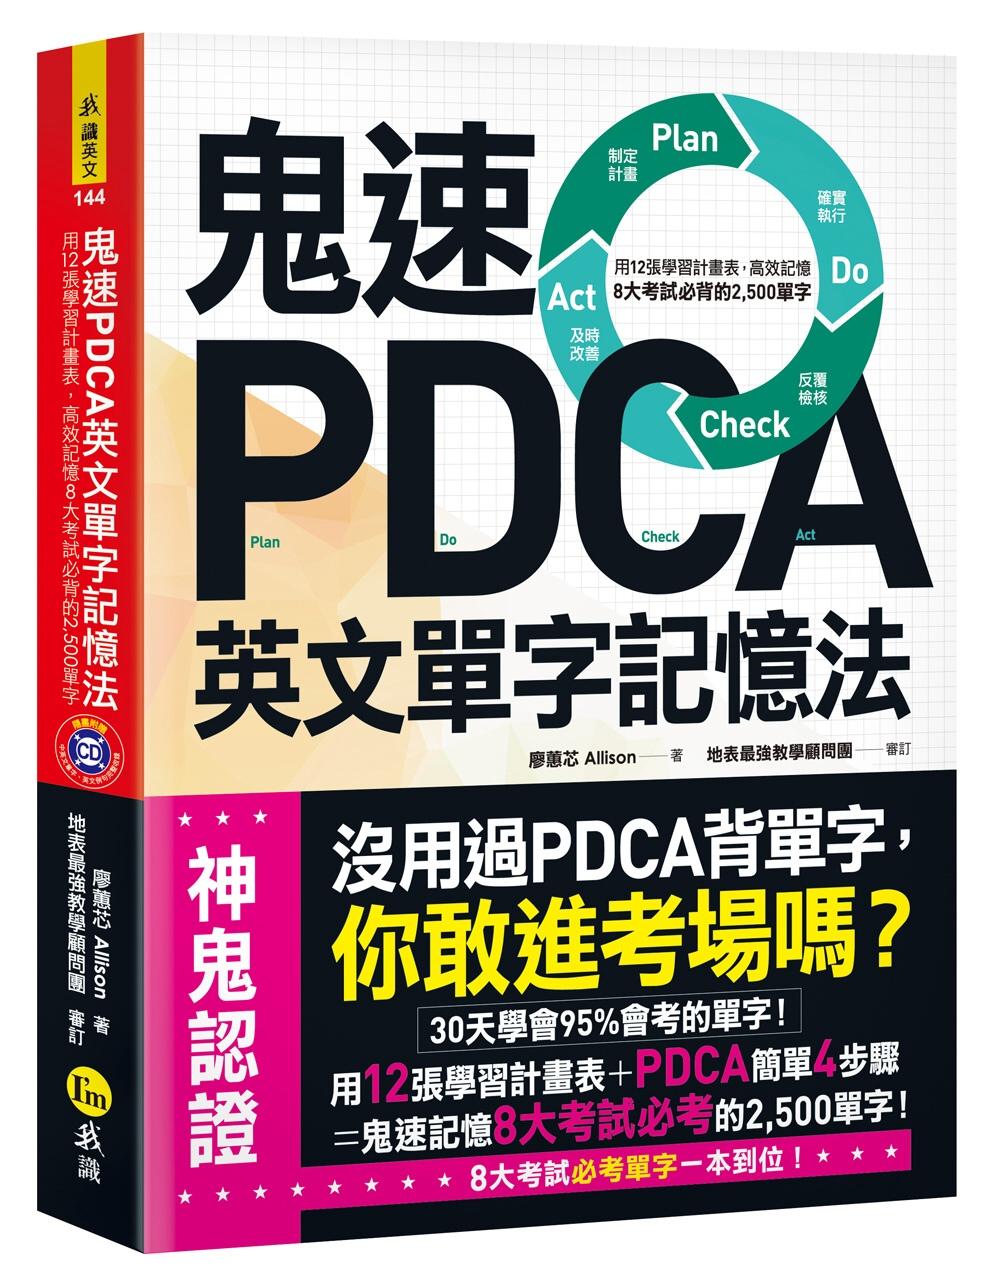 鬼速PDCA英文...